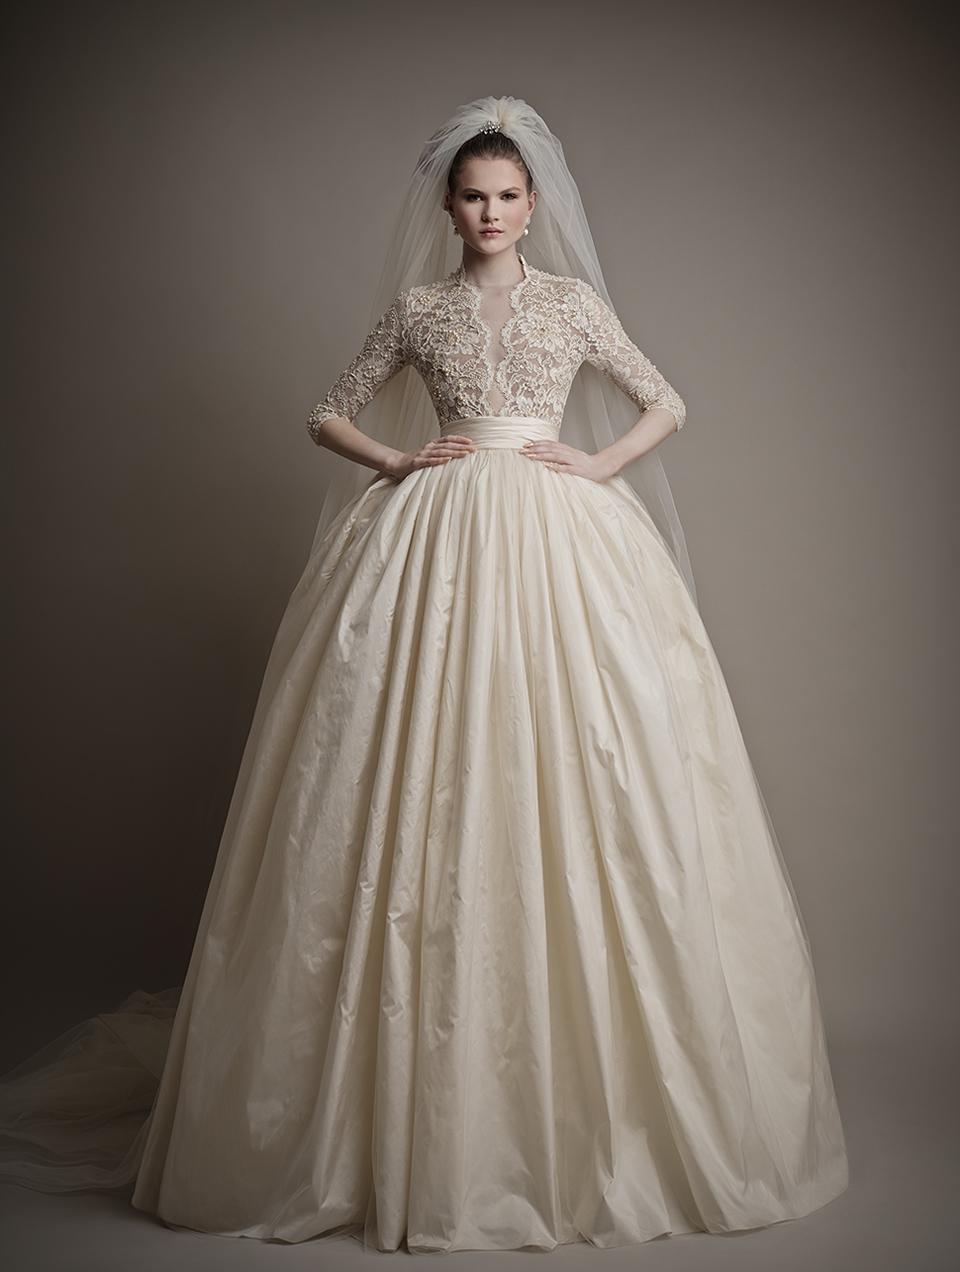 Коллекция свадебных платьев 2015 года от Ersa Atelier2